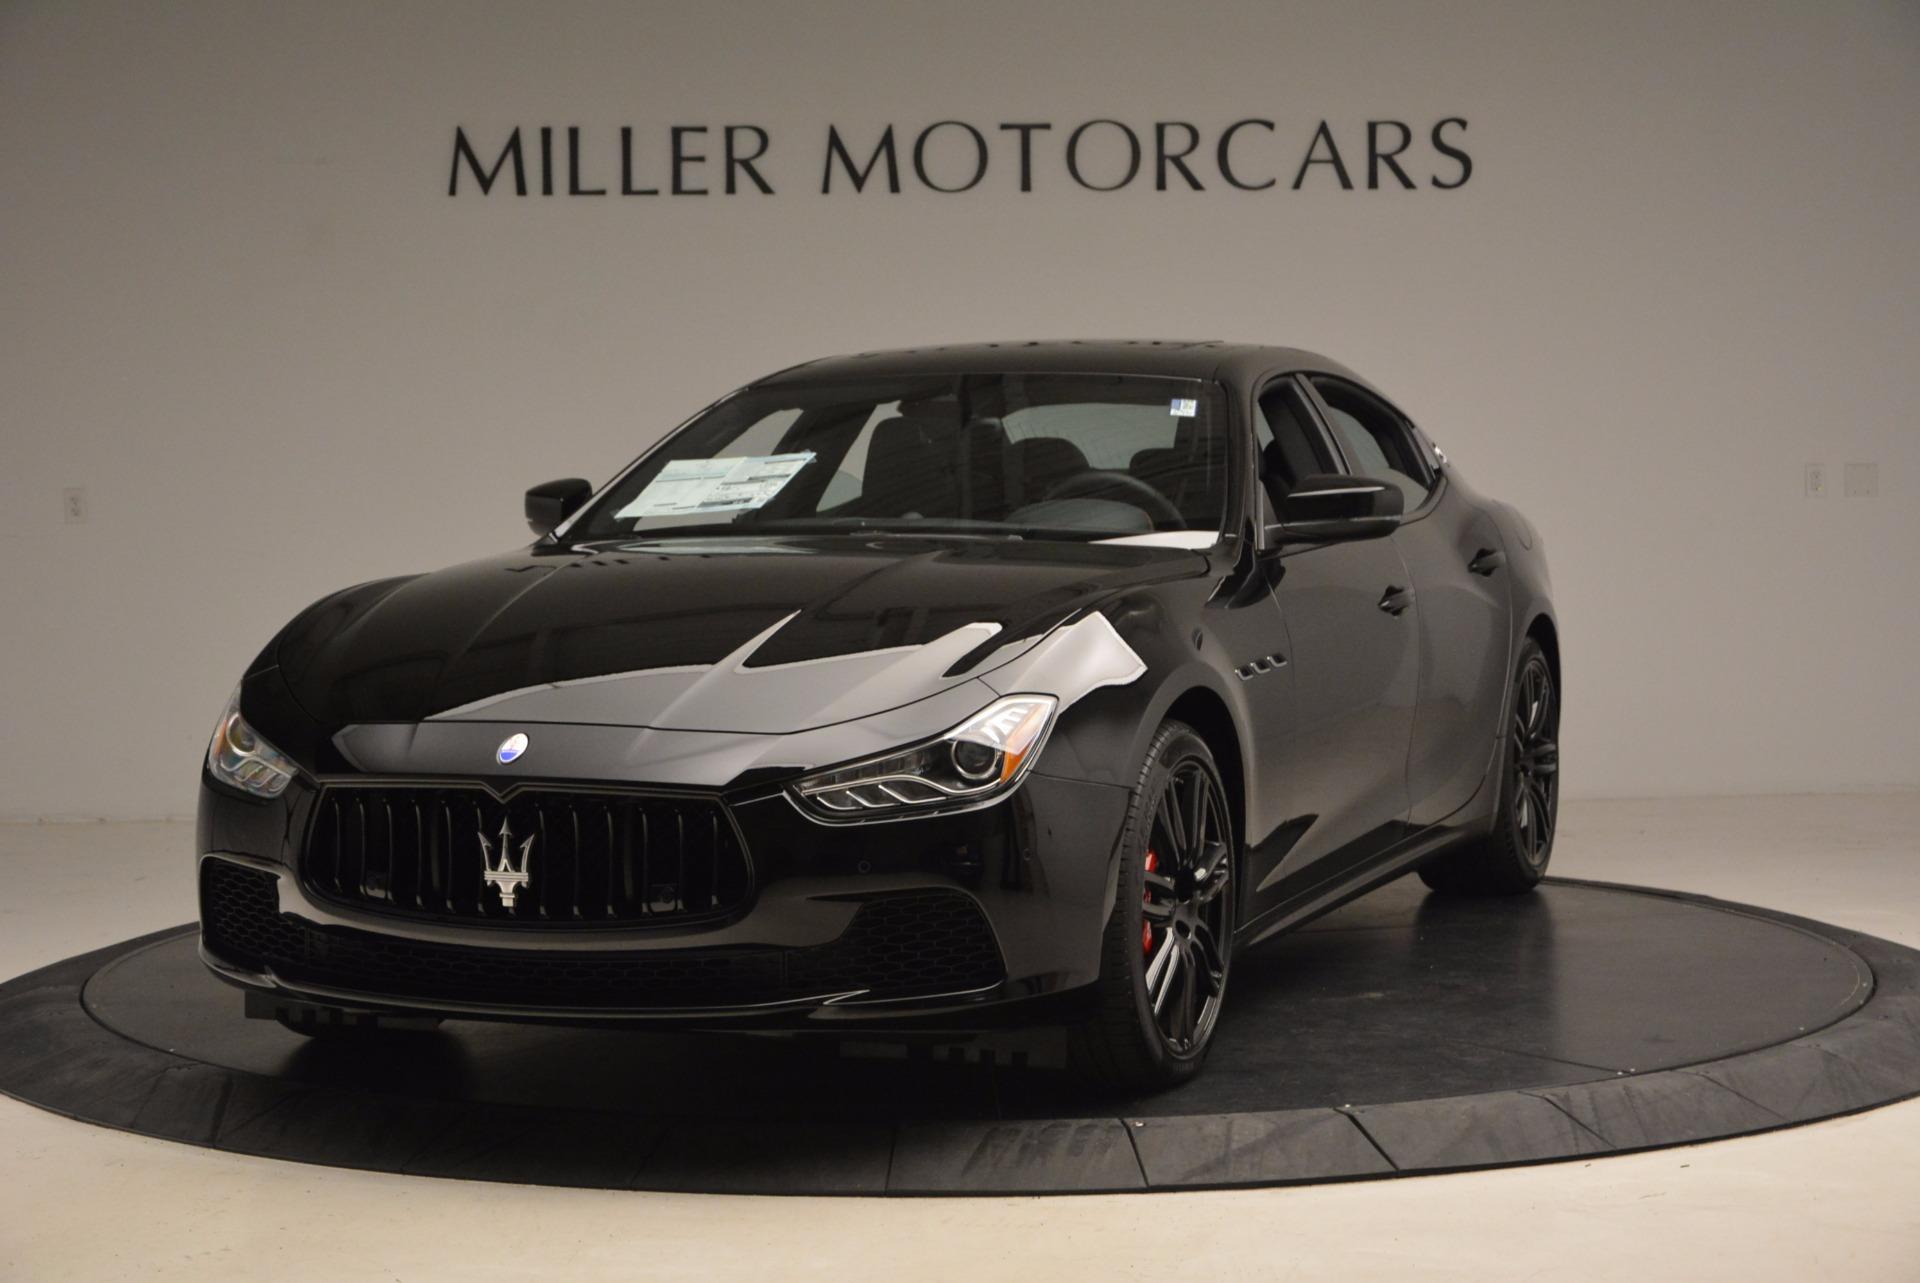 New 2017 Maserati Ghibli Nerissimo Edition S Q4 For Sale In Greenwich, CT 1391_main